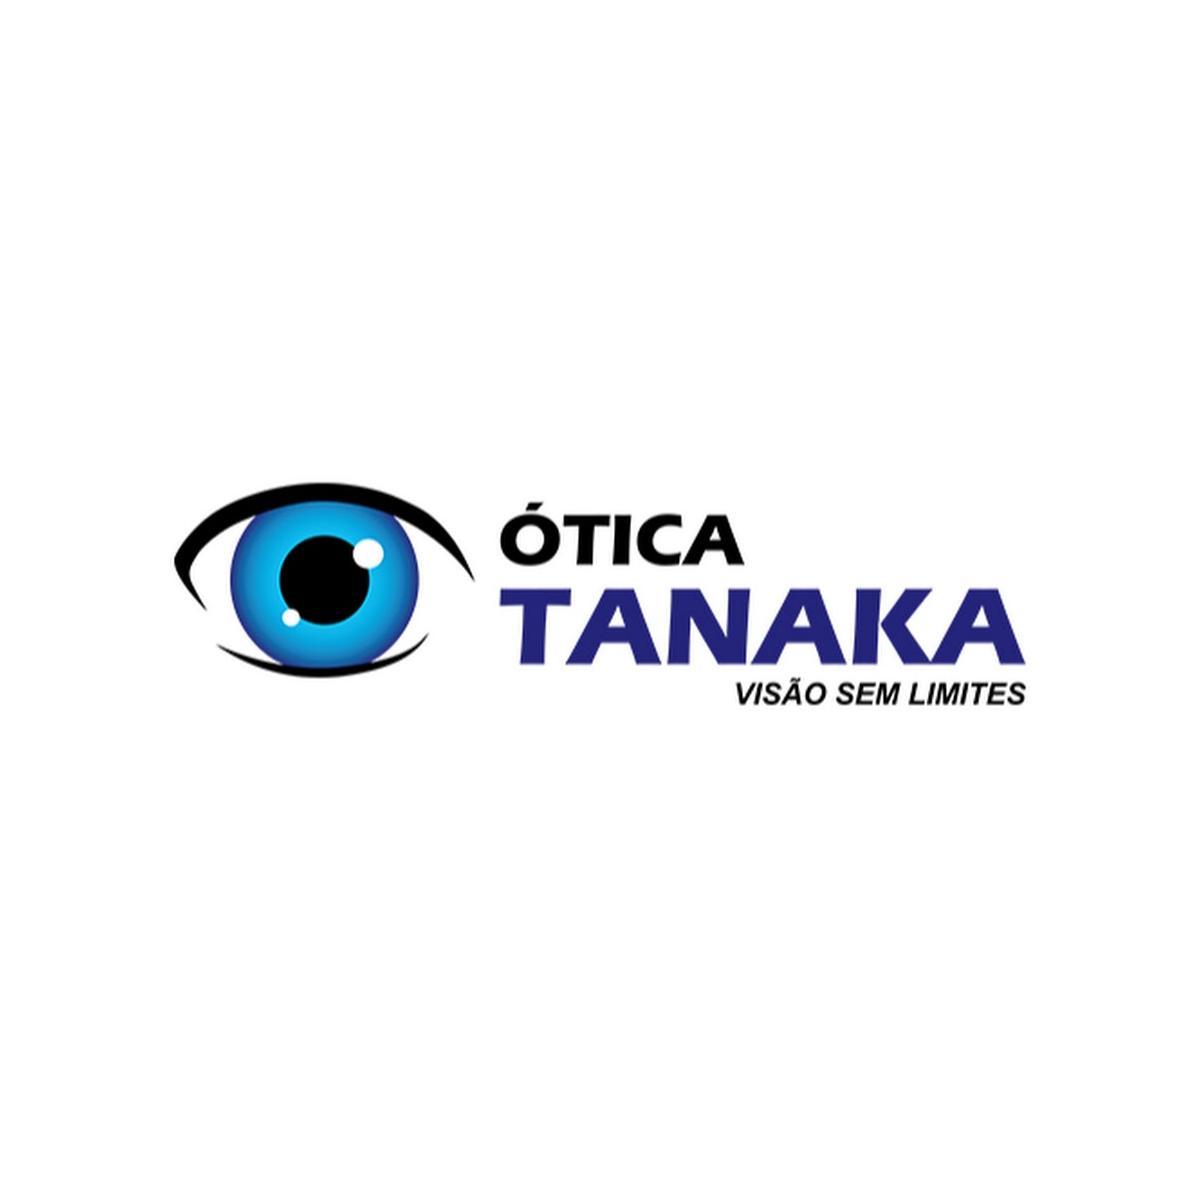 otica_tanaka